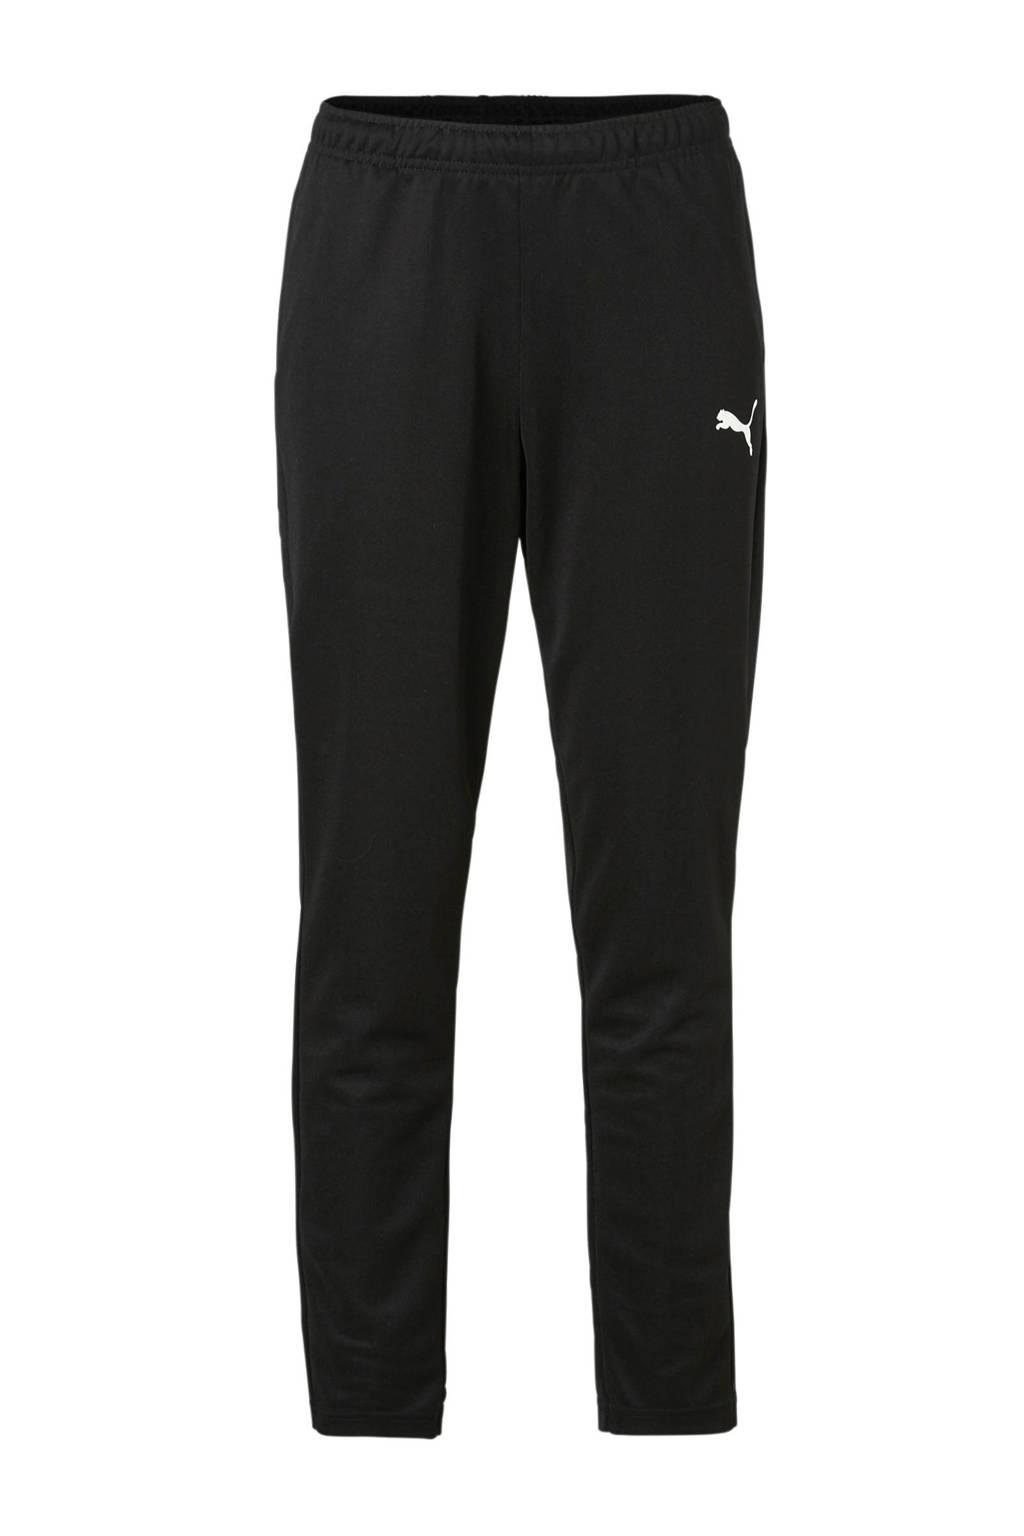 Puma   sportbroek zwart, Zwart